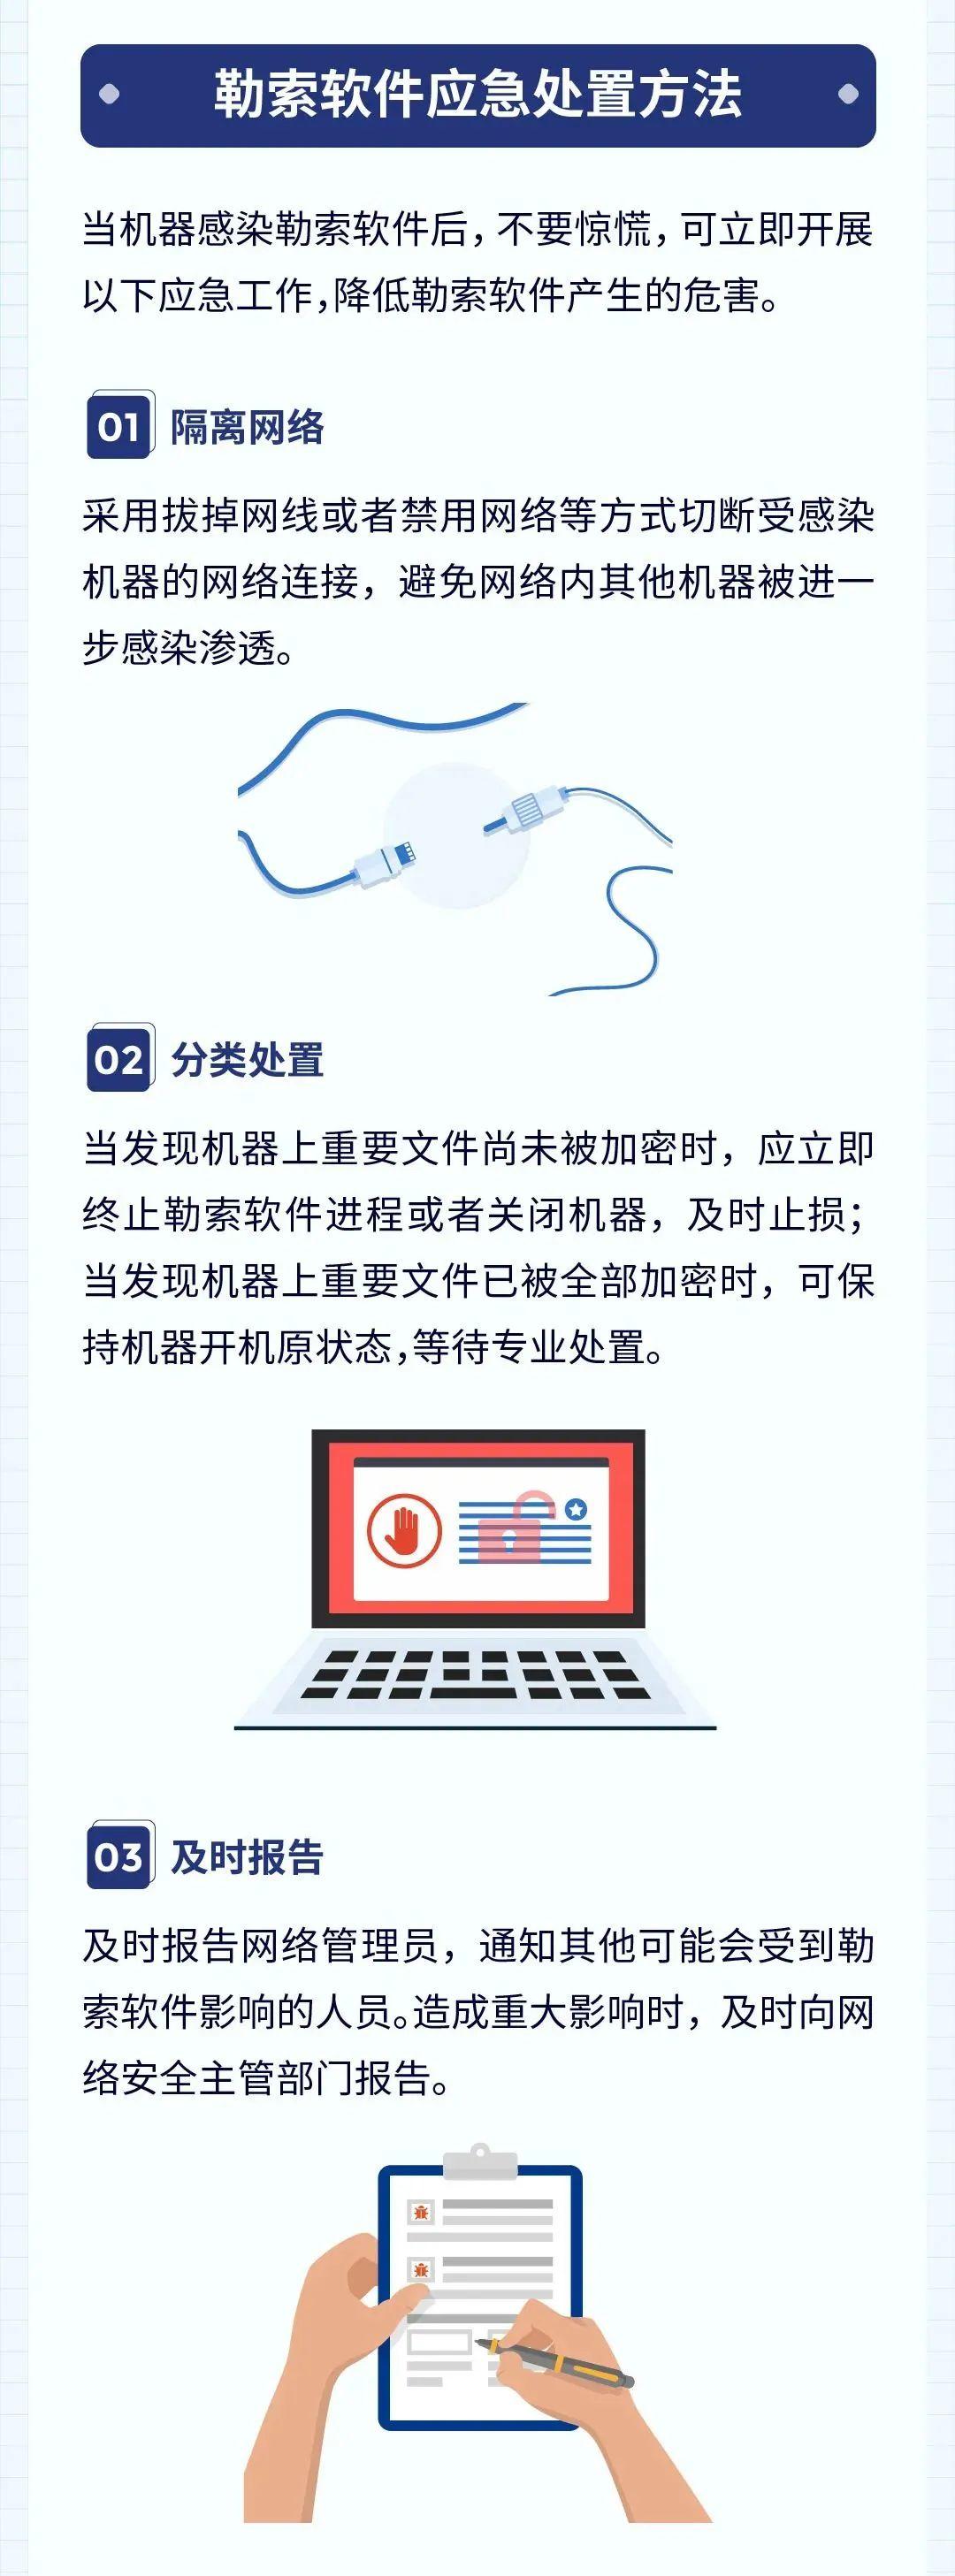 网络安全小黑板|勒索软件防范指南